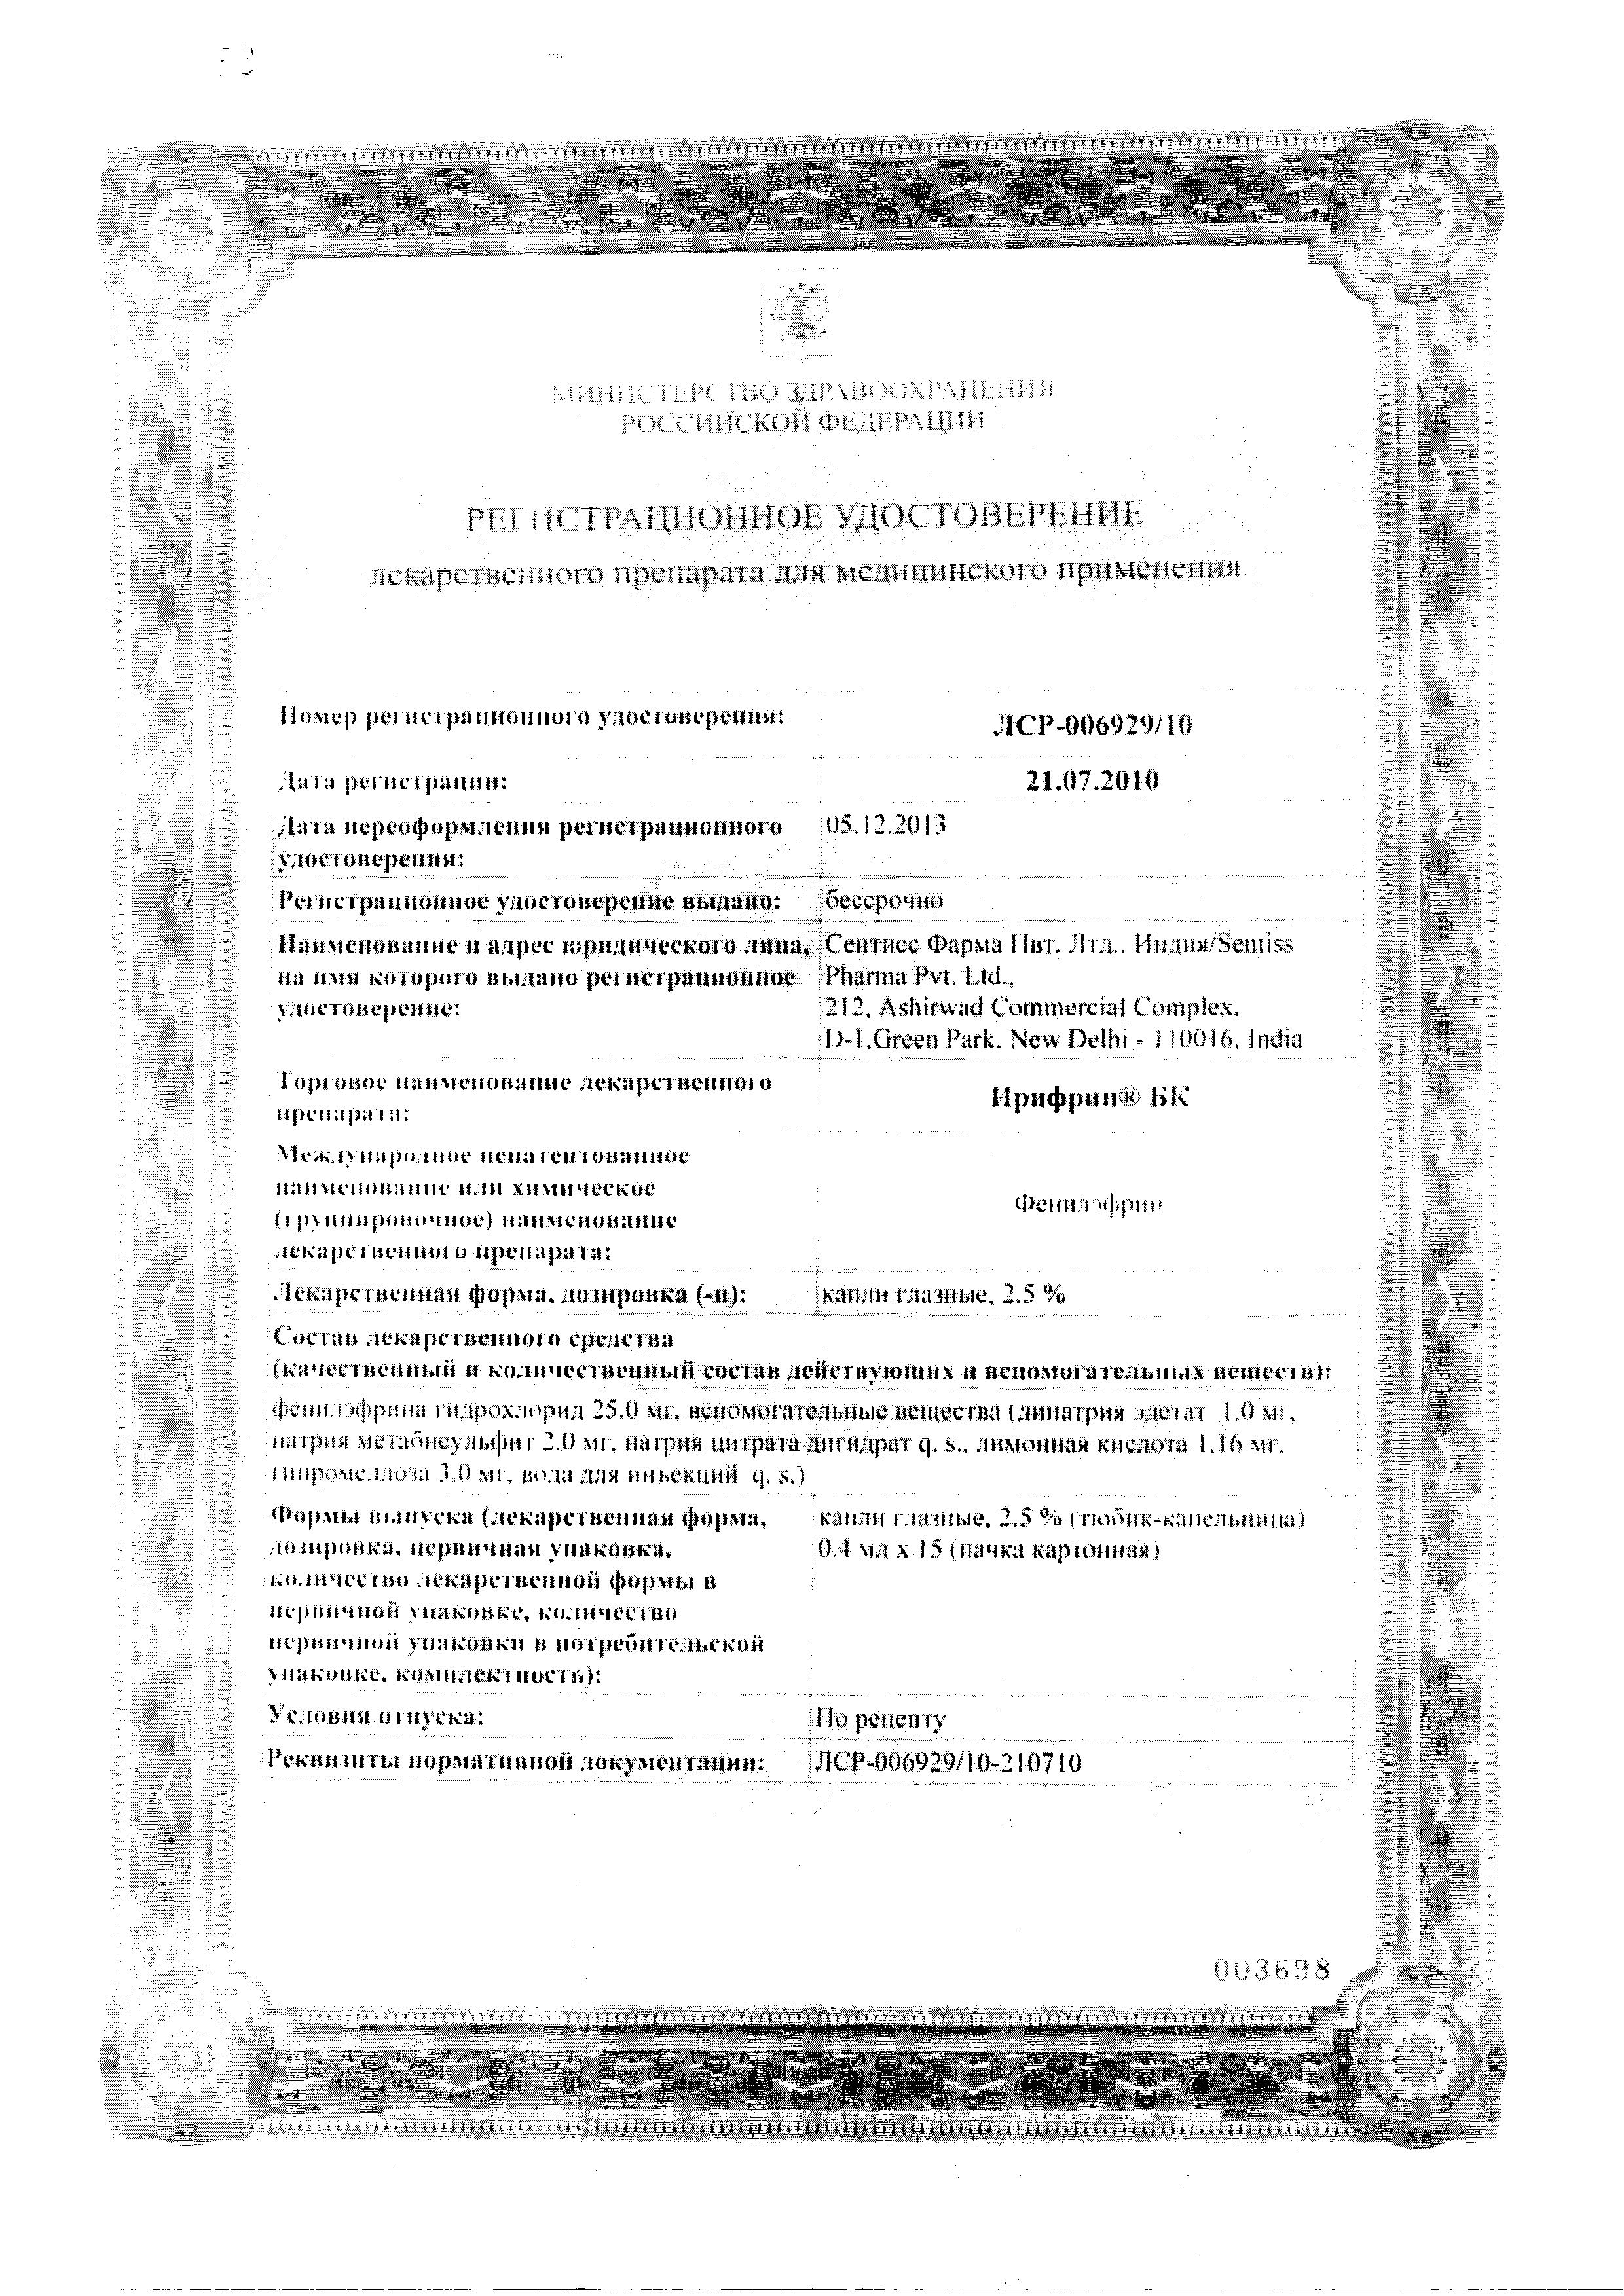 Ирифрин БК сертификат